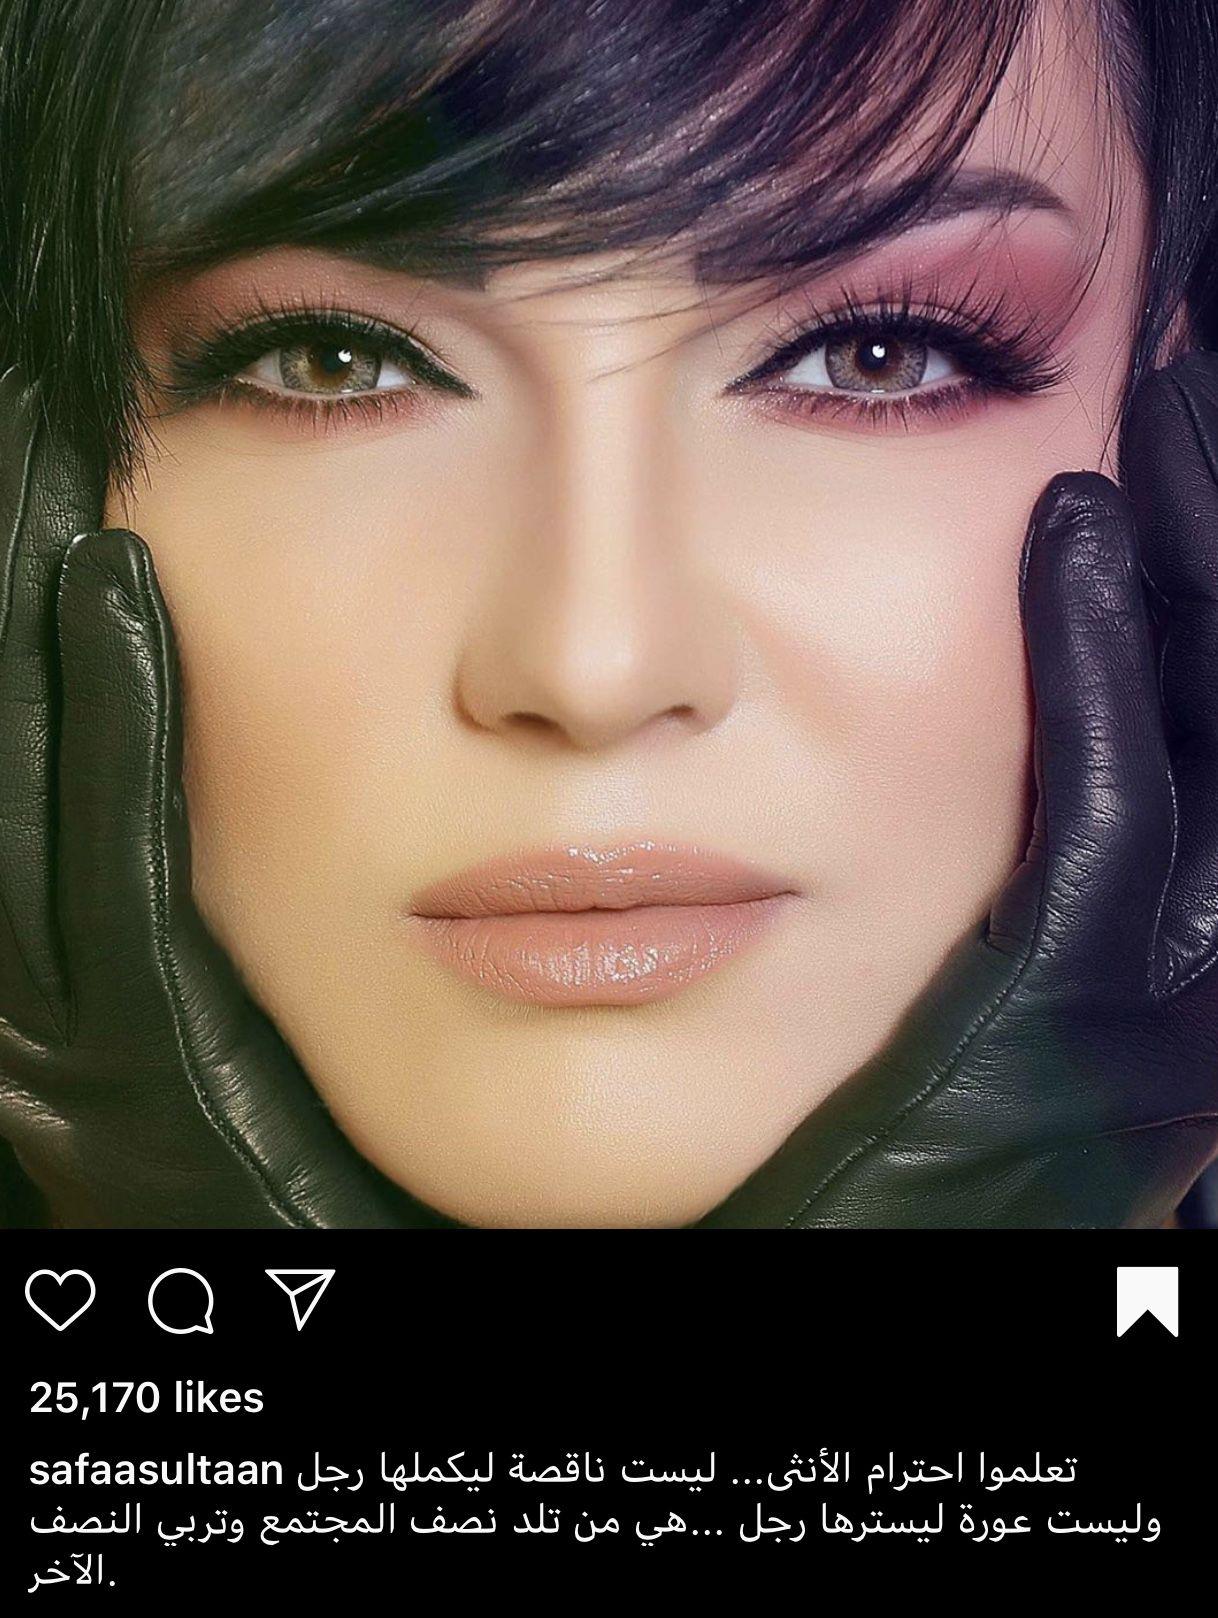 صفاء سلطان وكلامها عن المرأة